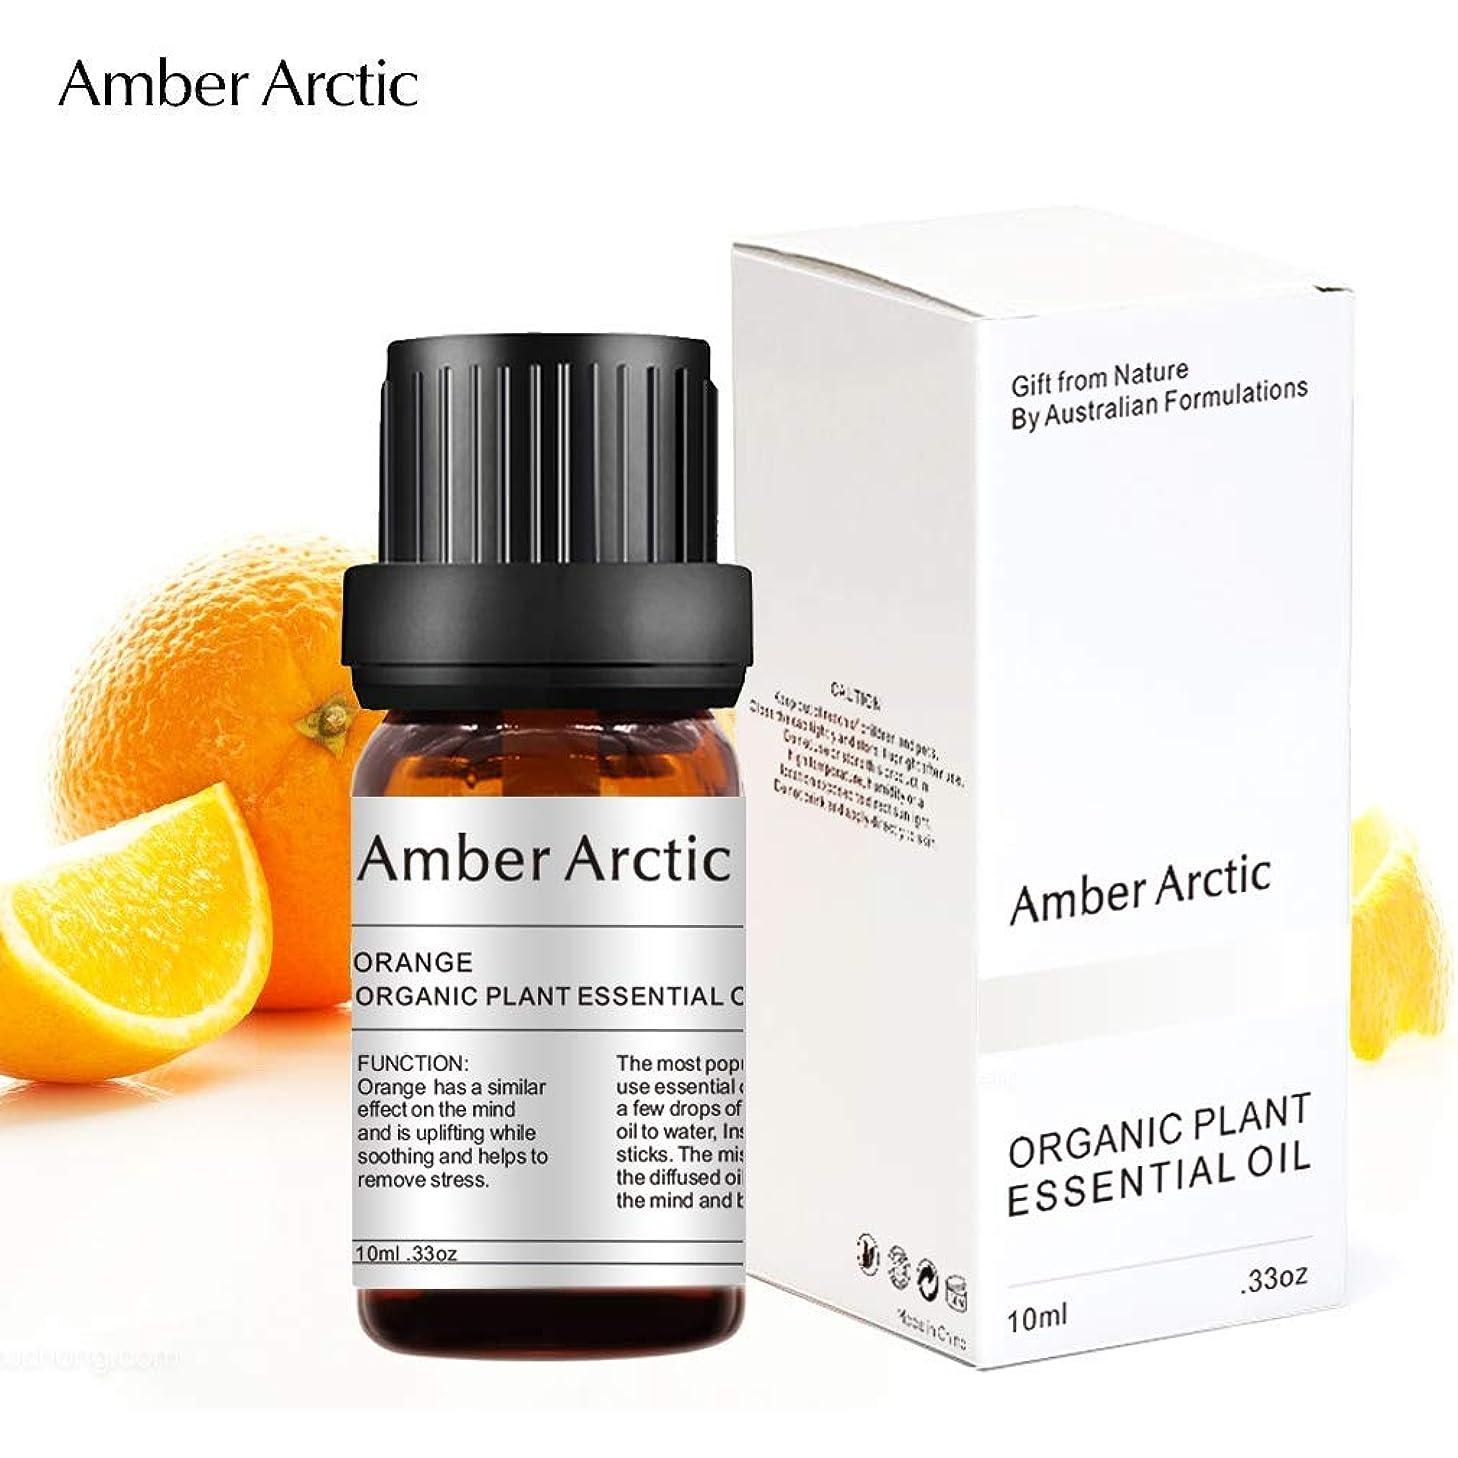 ブルーベルリースハブAmber Arctic 拡散 用 オレンジ 精油、 100% 純粋 天然 アロマ ラベンダー オイル (10ml) 中